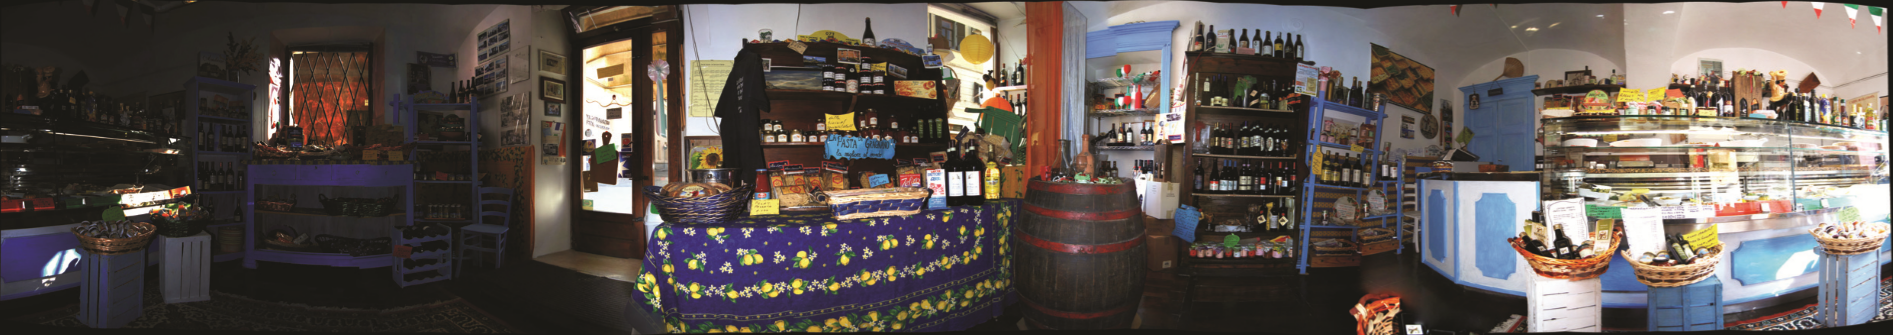 Panoramica del negozio Gastronomia e pasta fresca Cavour